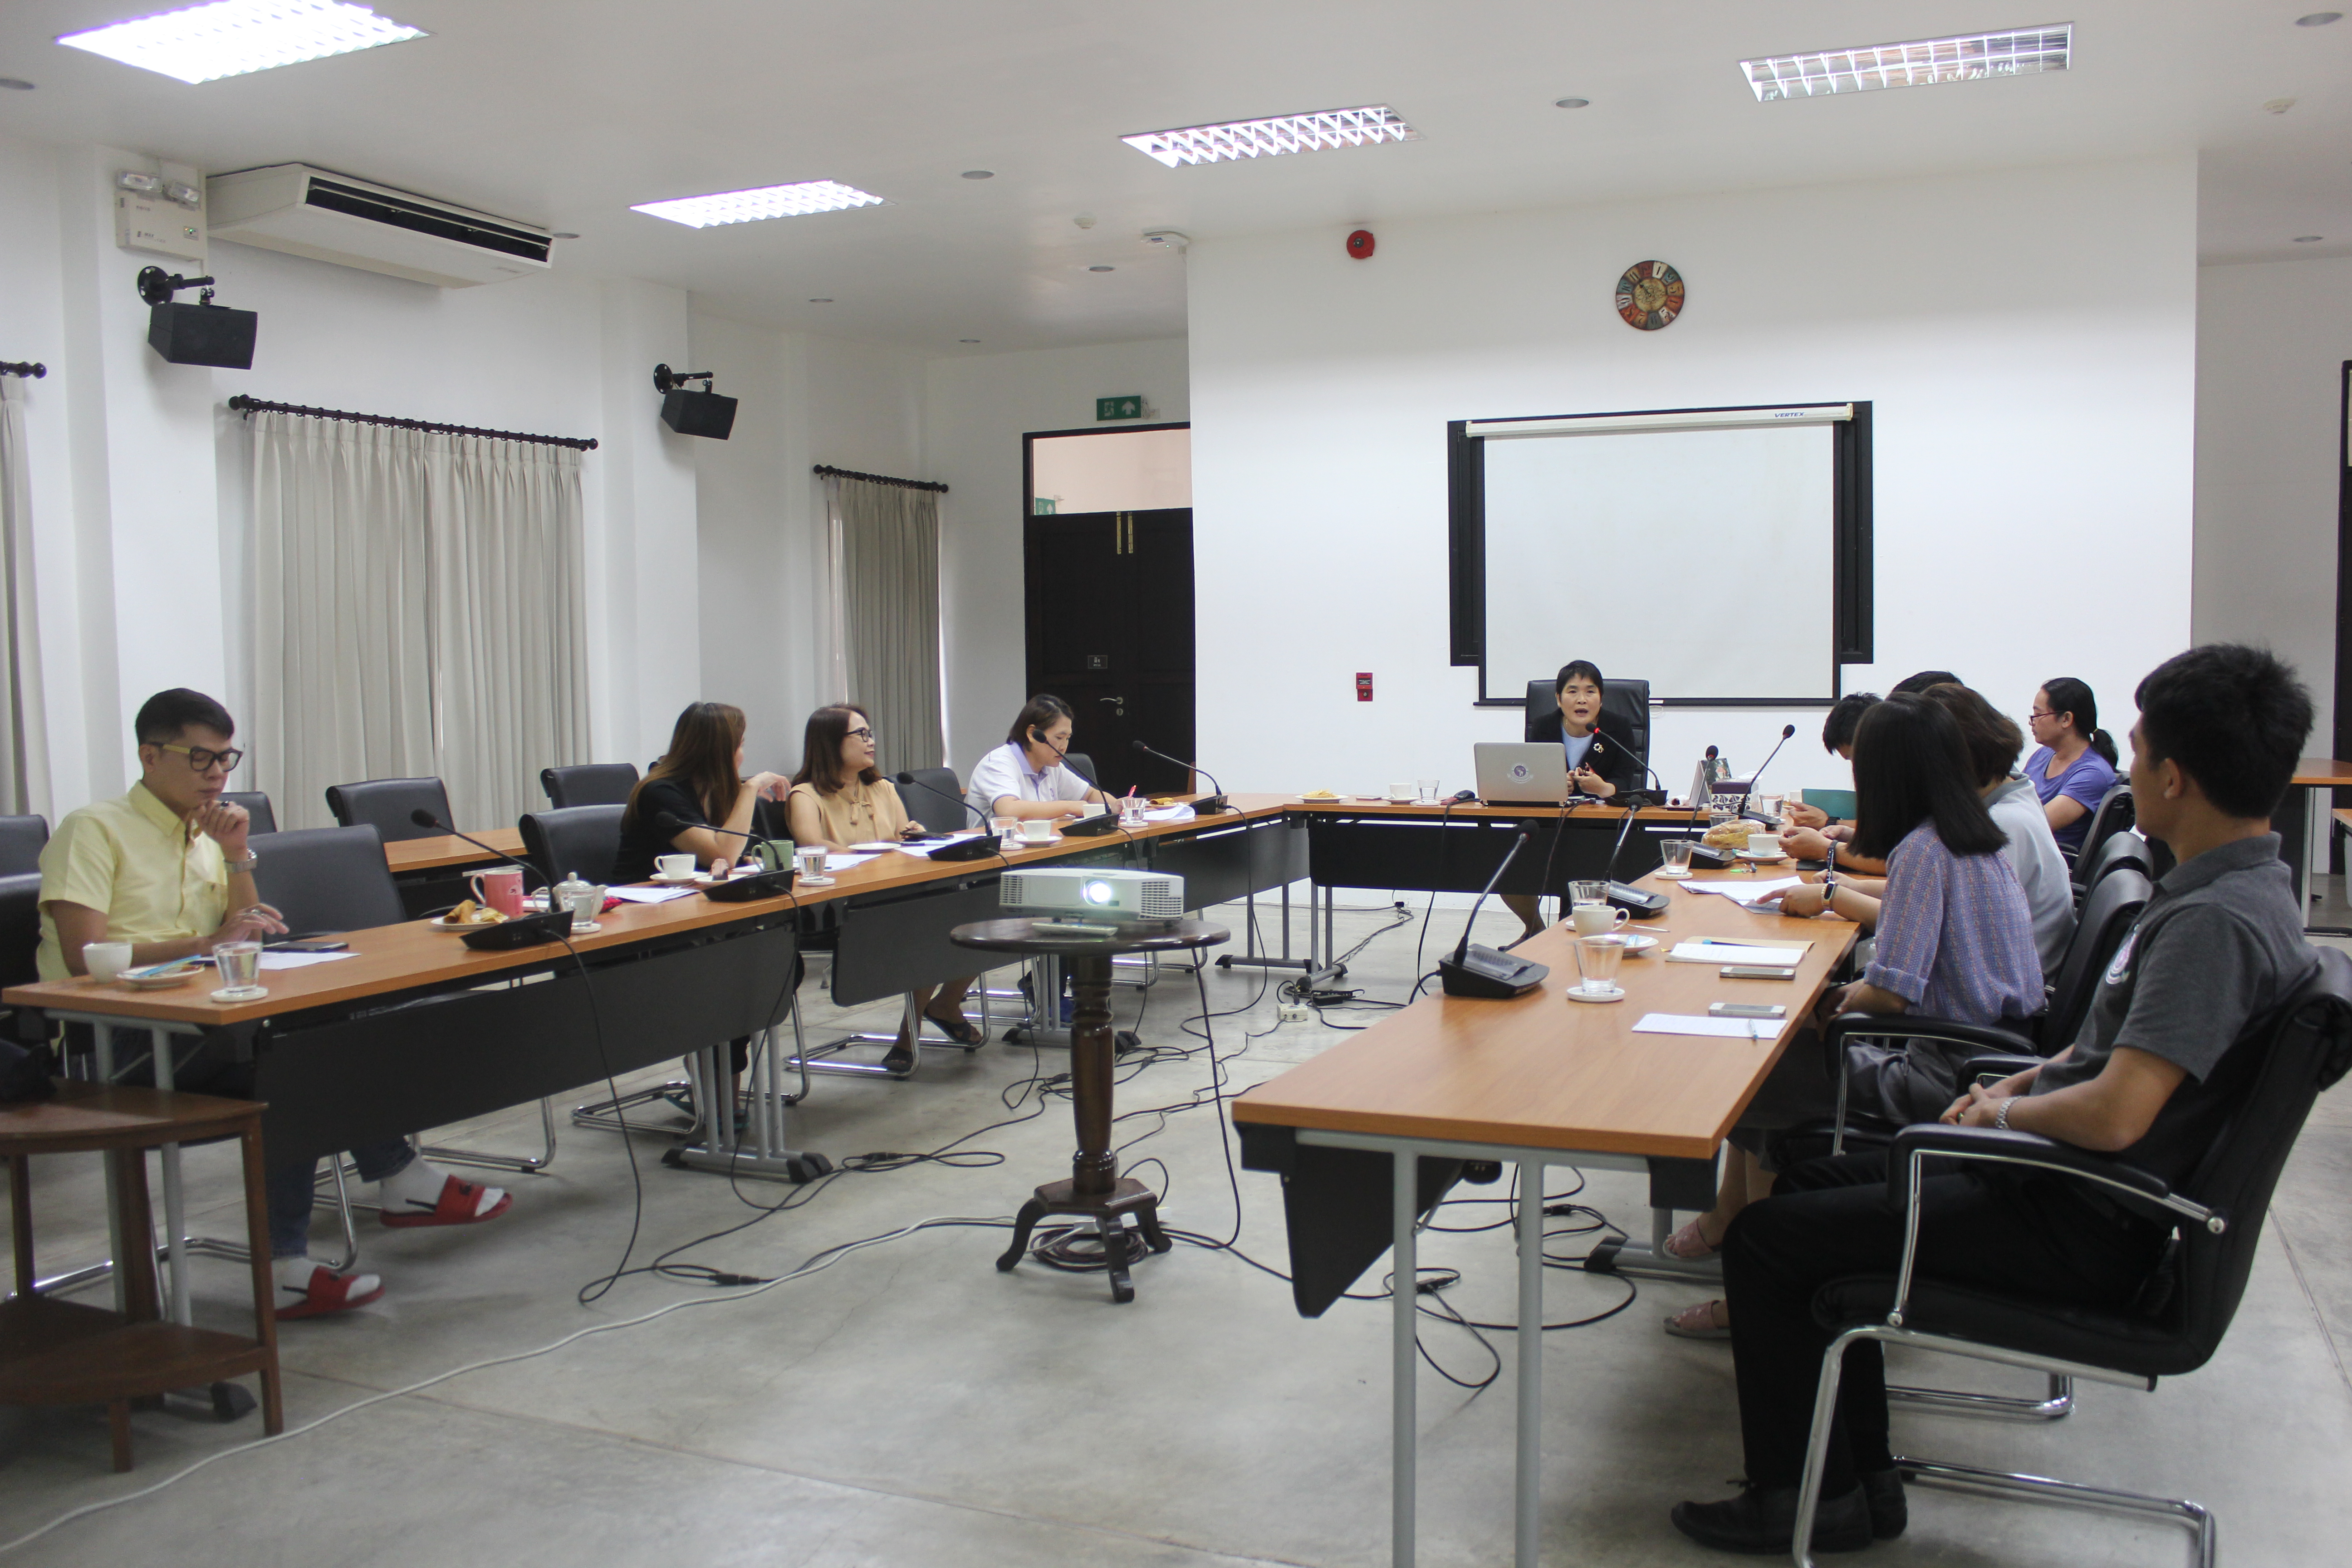 สำนักส่งเสริมศิลปวัฒนธรรม จัดการบรรยายเรื่องการพัฒนากระบวนการทำงานตามแนวทาง Kaizen